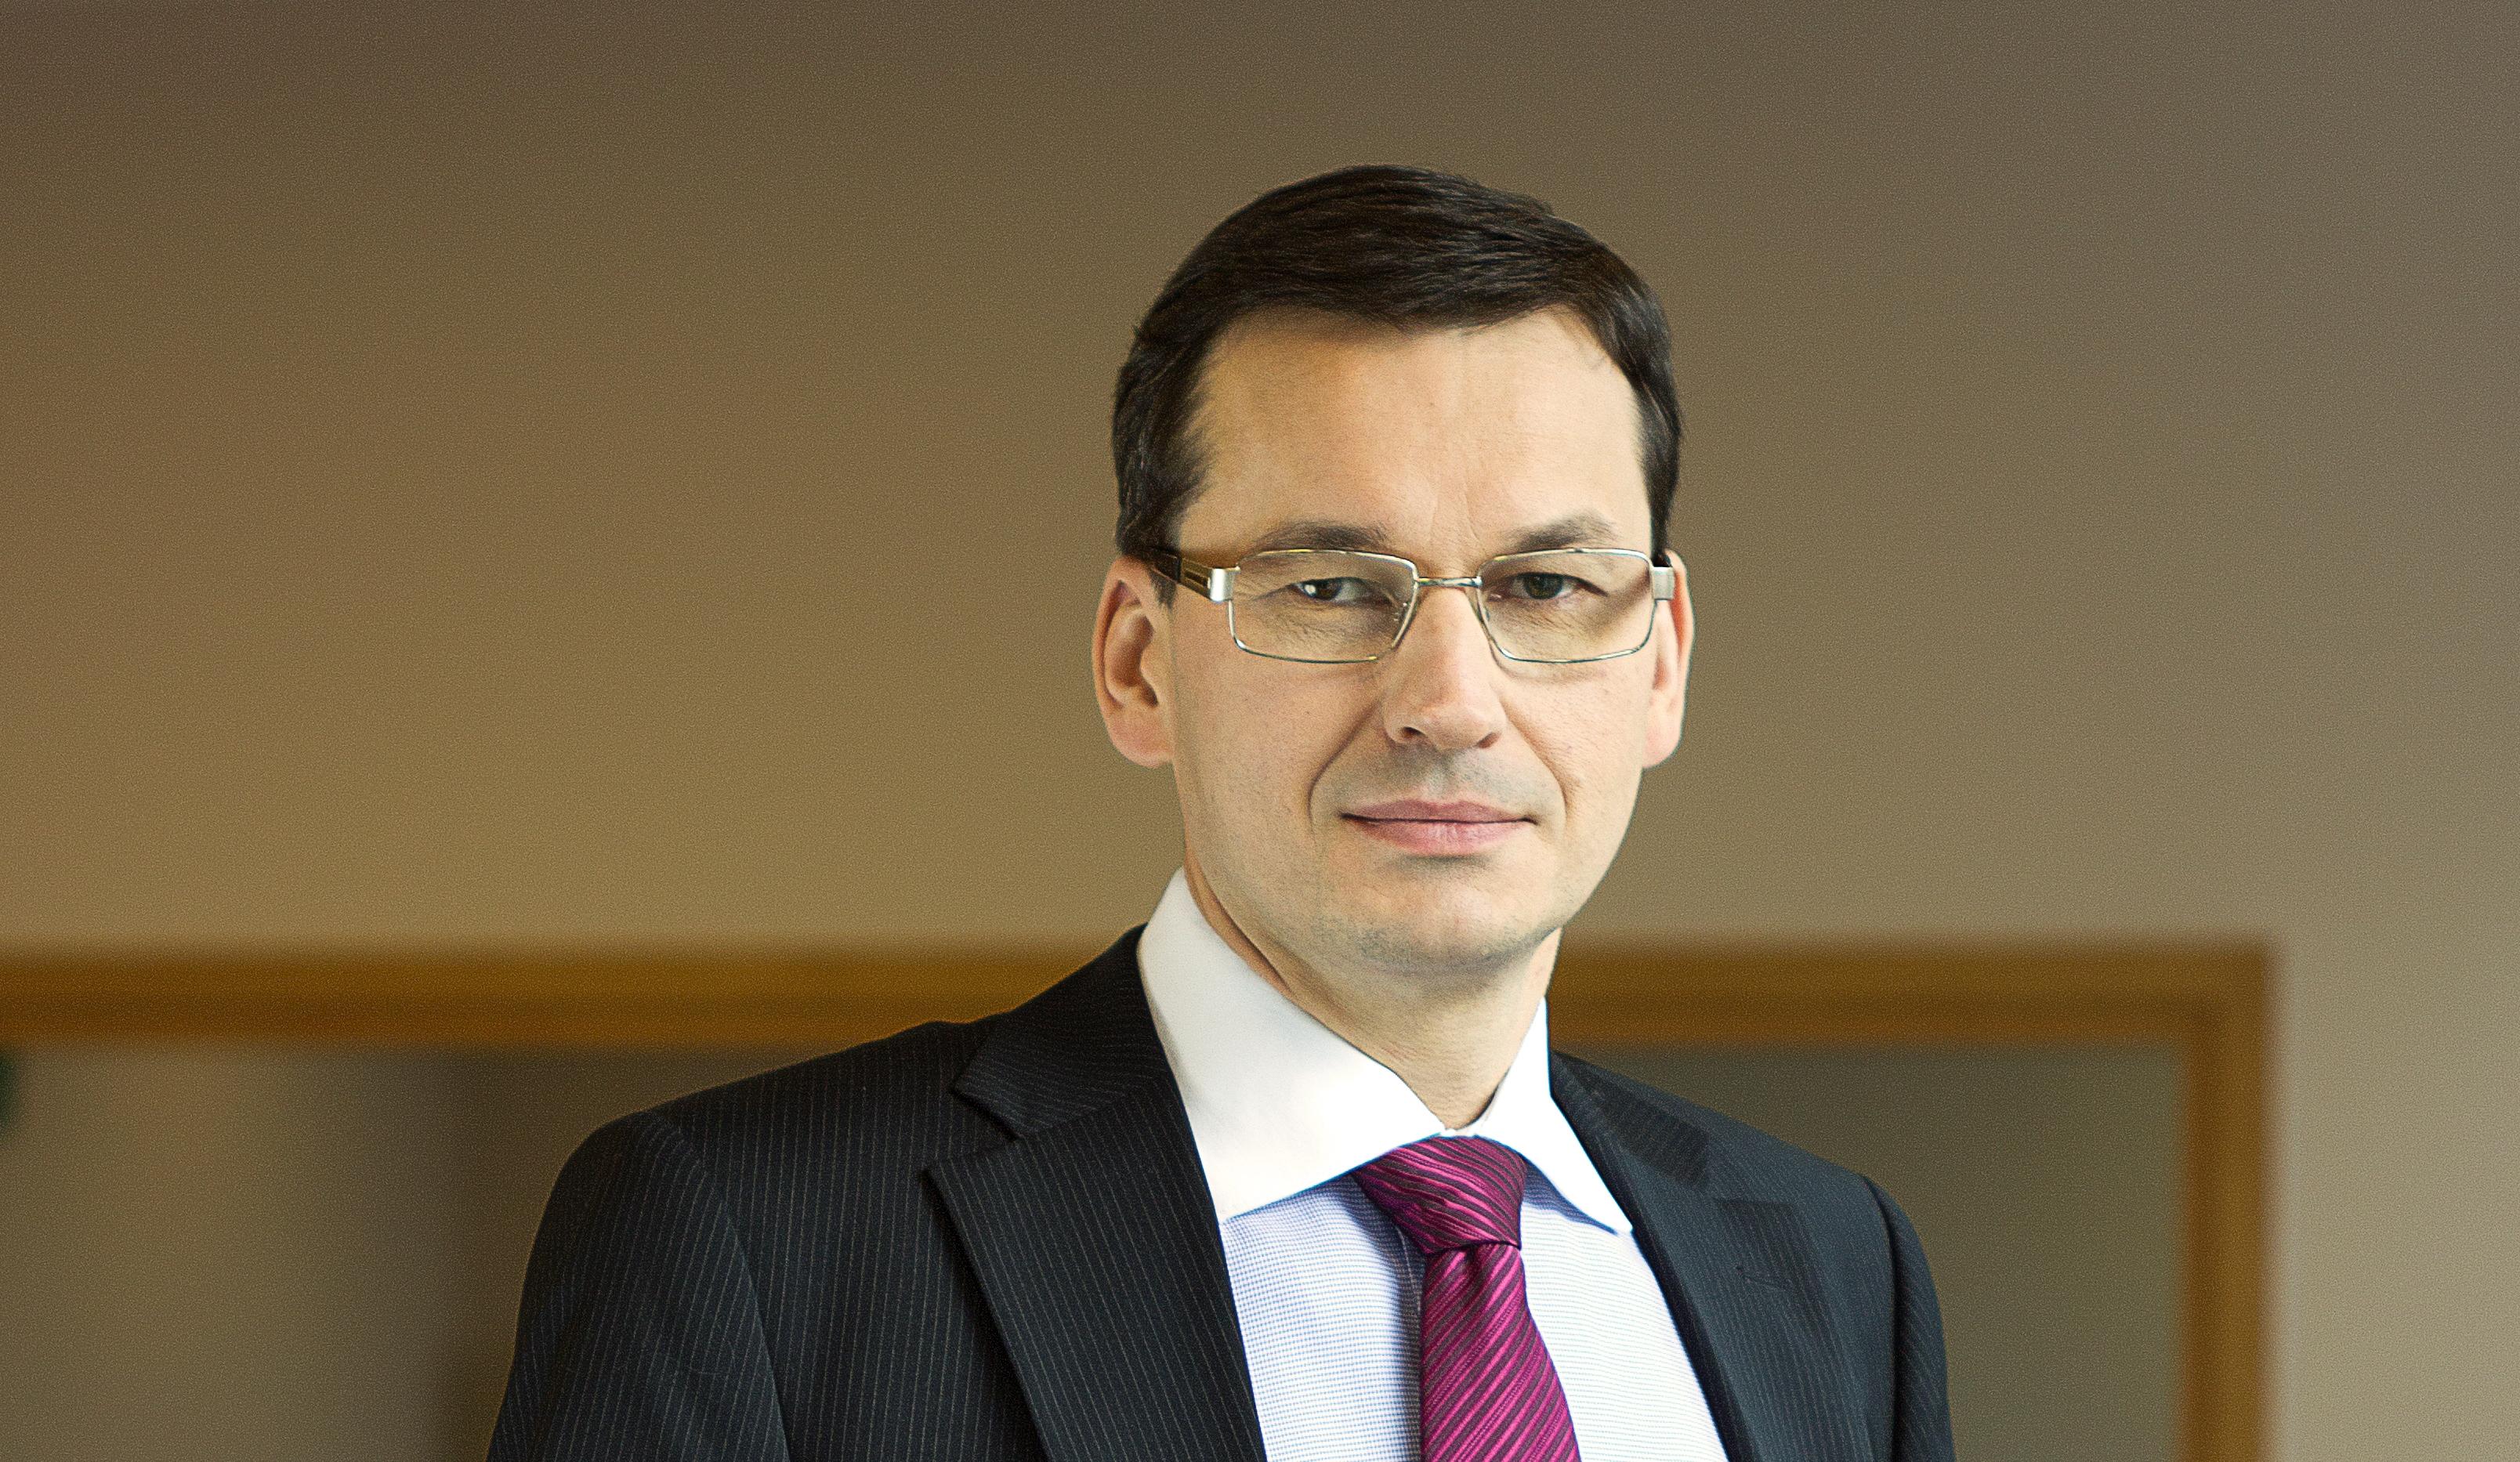 Dimite la Primera Ministra de Polonia